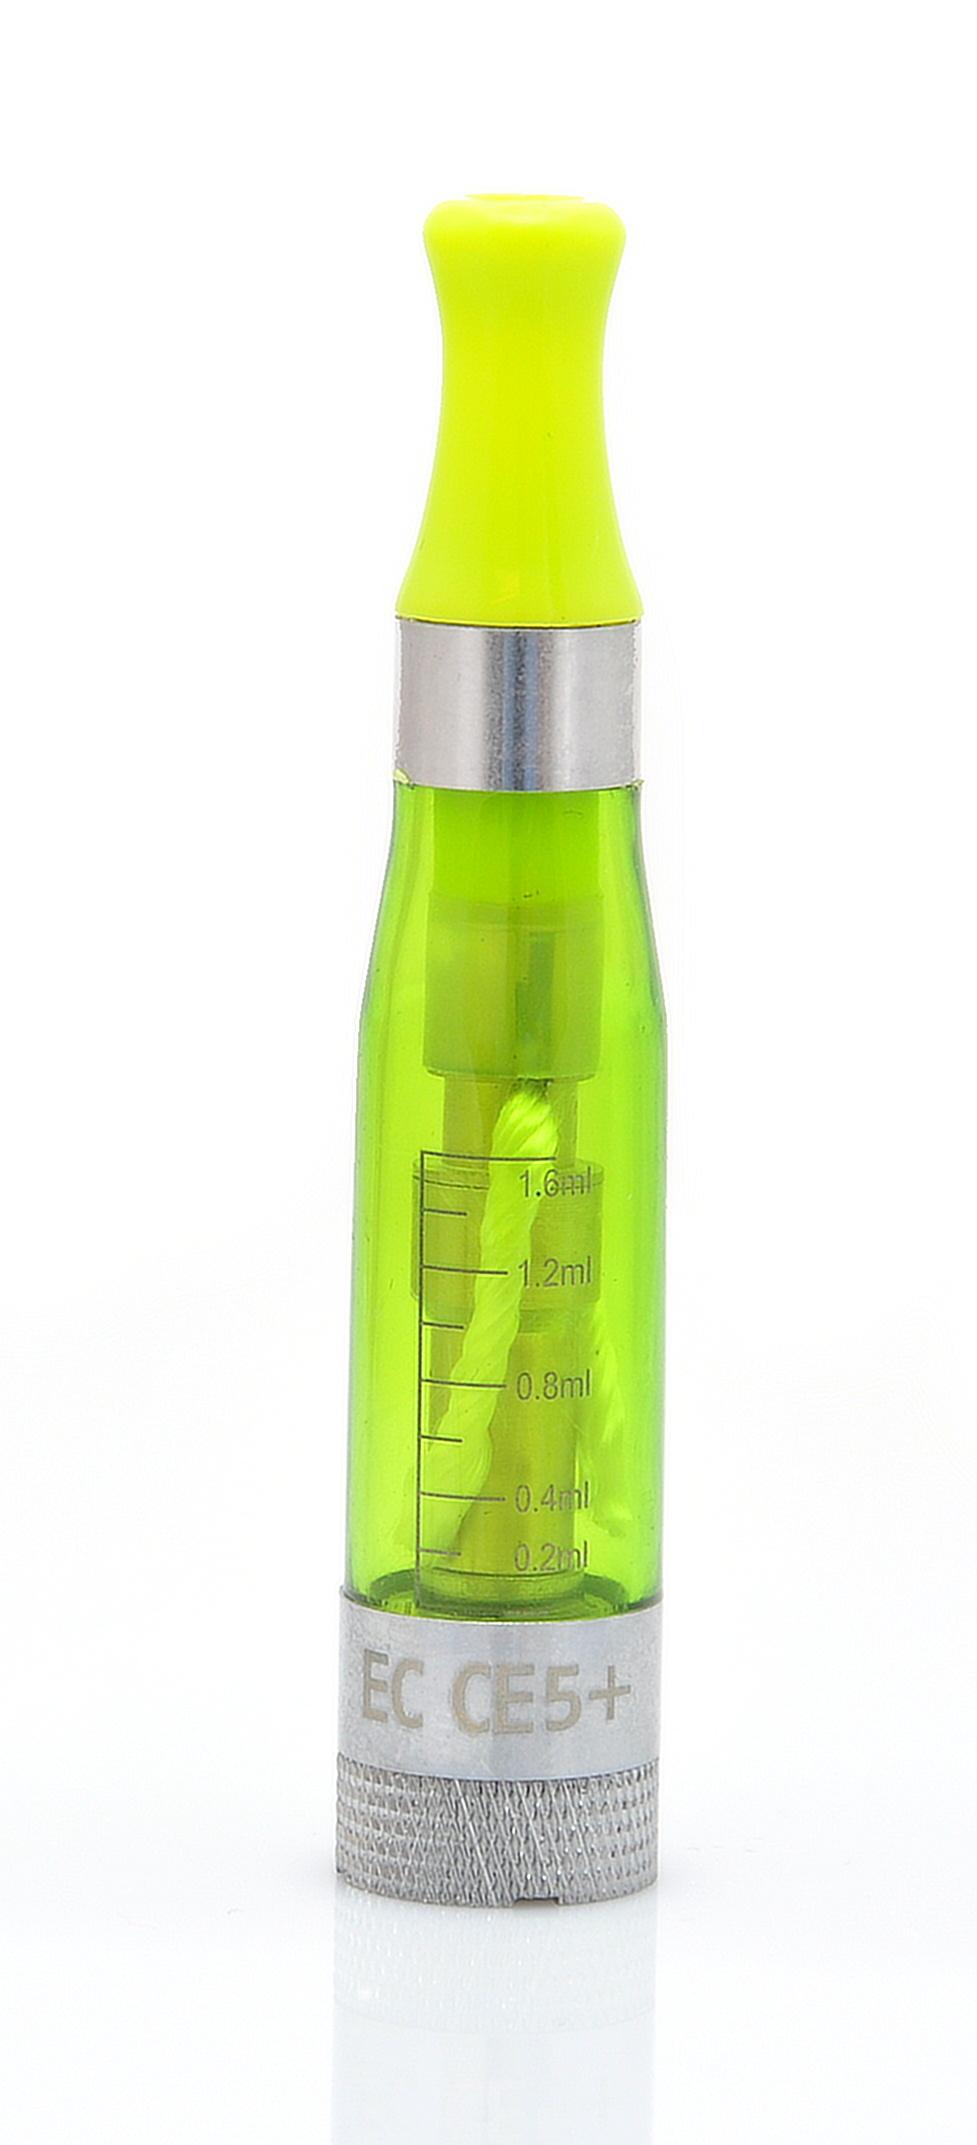 EC-Original EC CE5+ Barva: Zelená, Odpor: 2,4ohm, Objem: 1,6ml, Náustek: V barvě clearomizéru, Tip: eGo, Plnění: Vrchní, Barva základny: Stříbrná, Nádržka: Plast